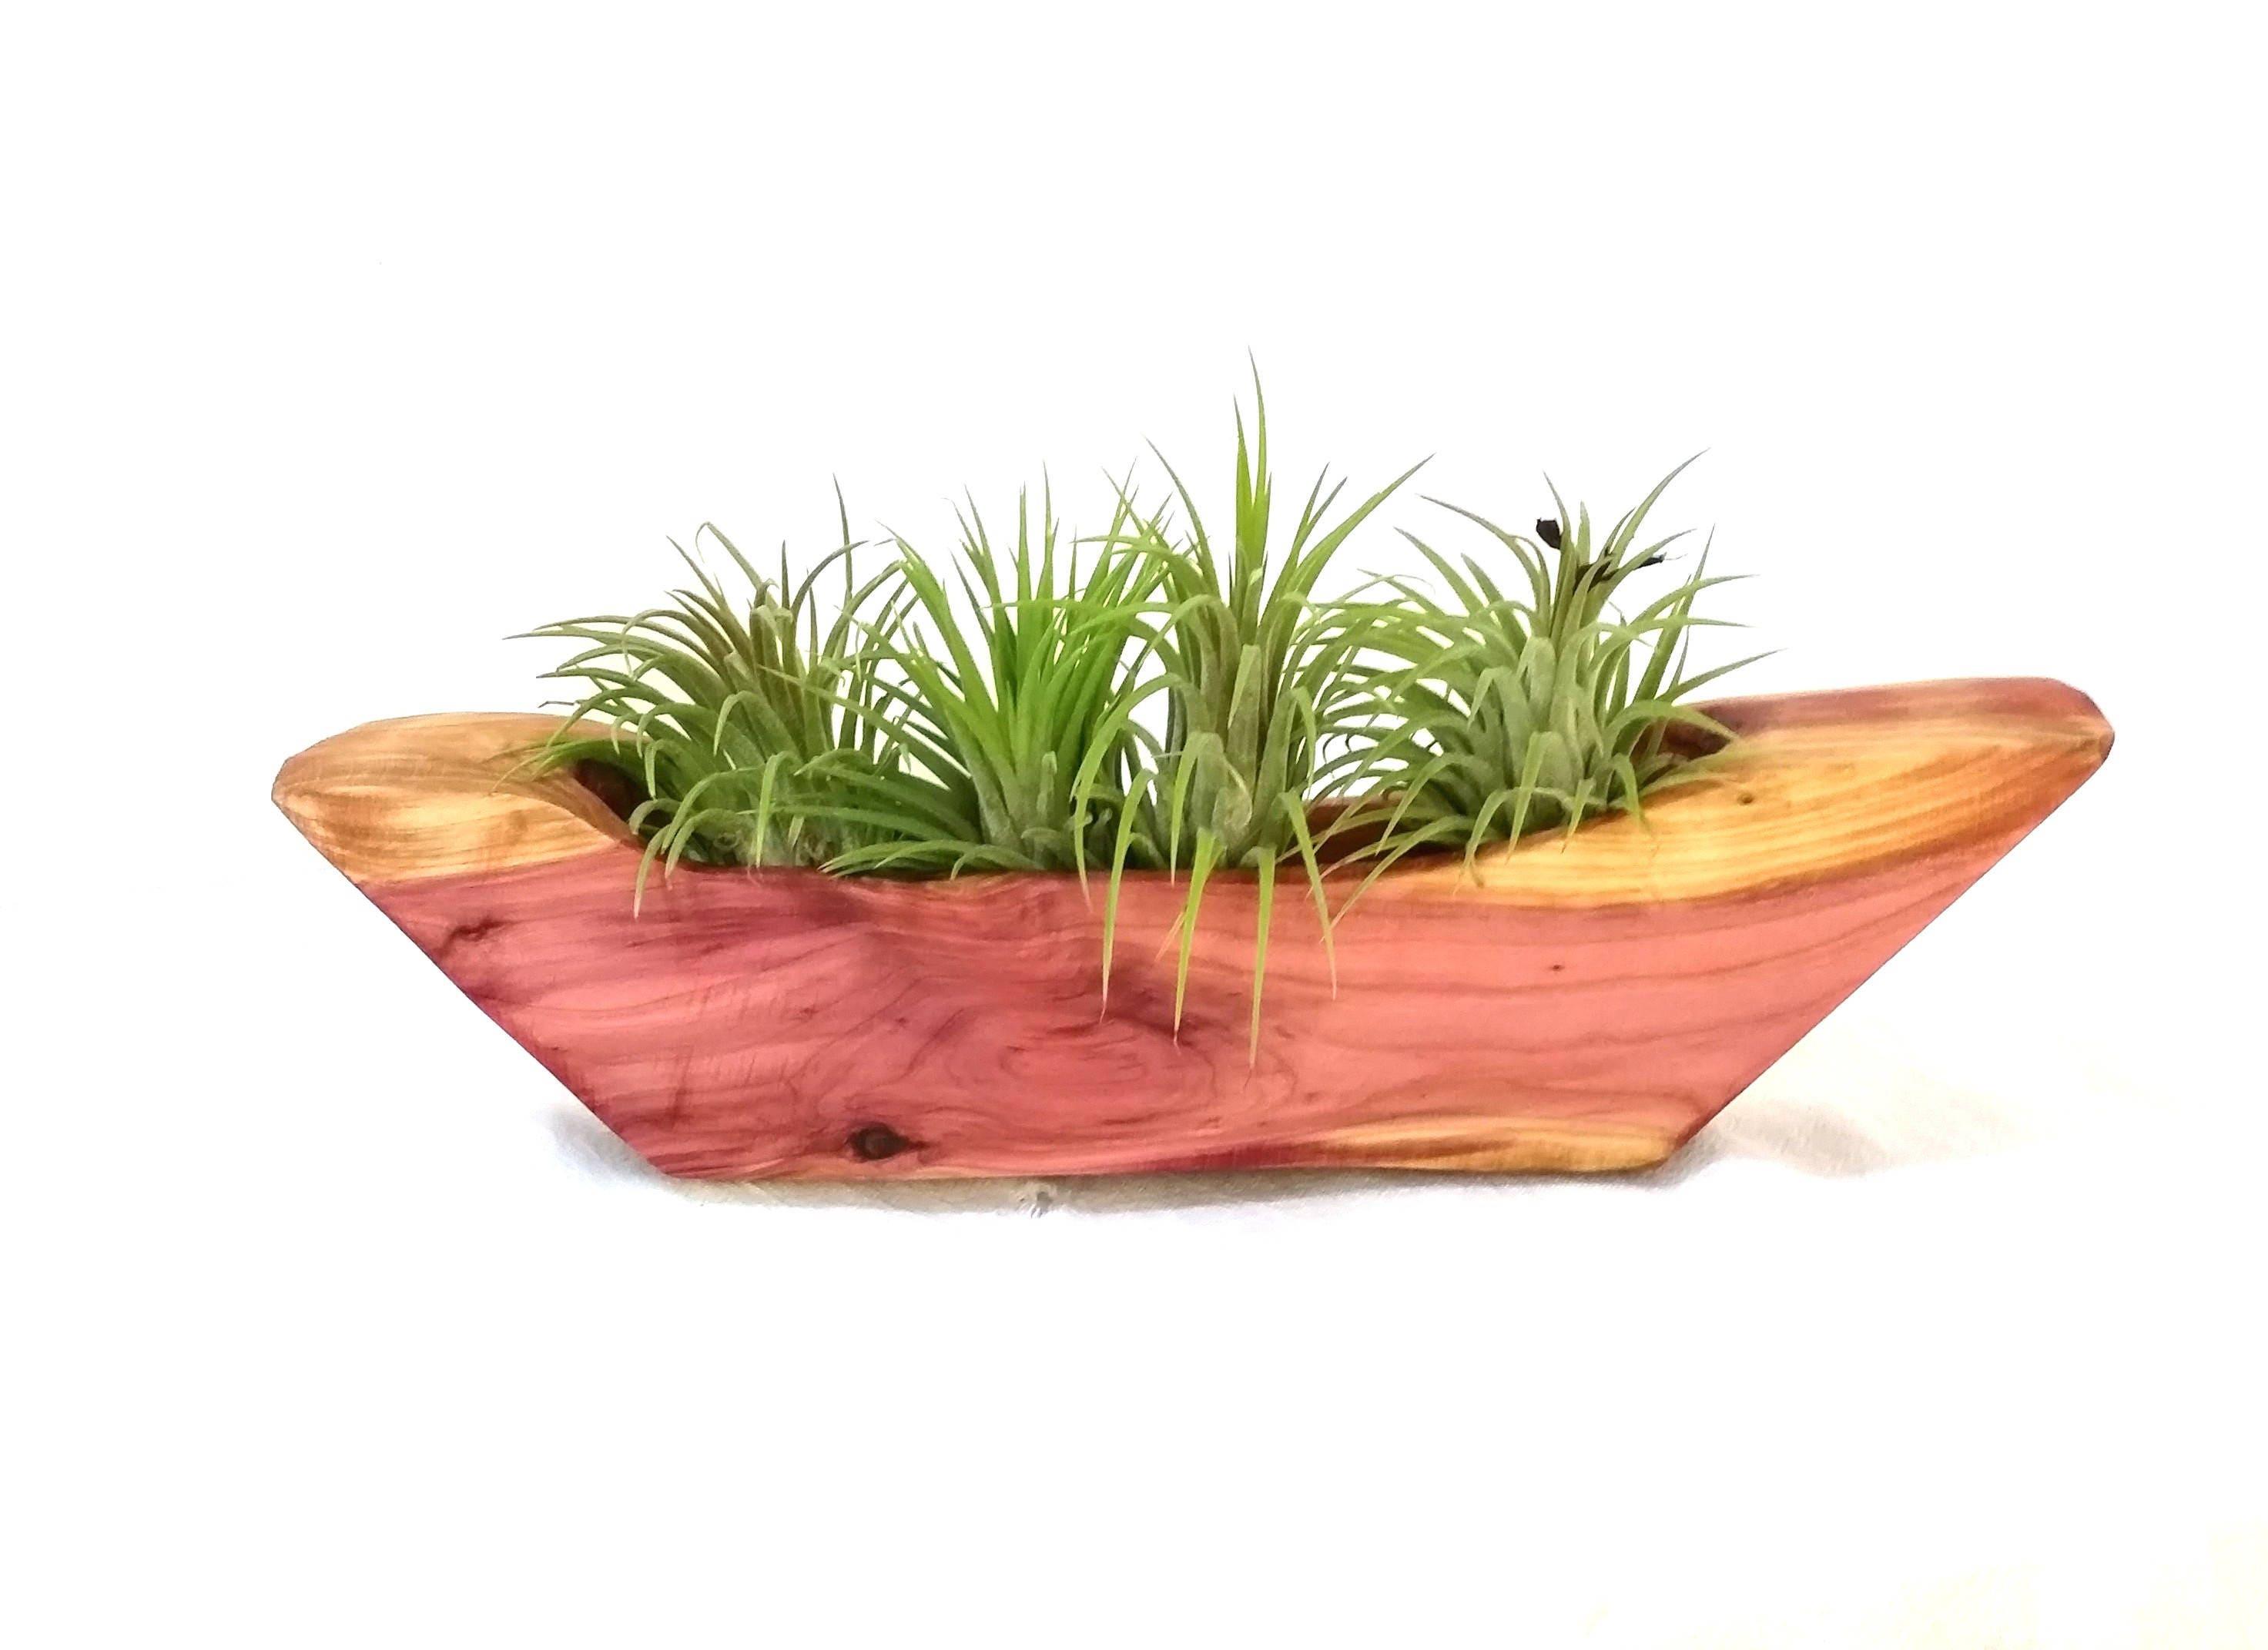 Plantes de l'air l'air l'air en cèdre porte, Air plantes Tillandsia, cèdre Terrarium, plante d'Air contenant, porte plante d'Air, pot usine d'Air. a3020f